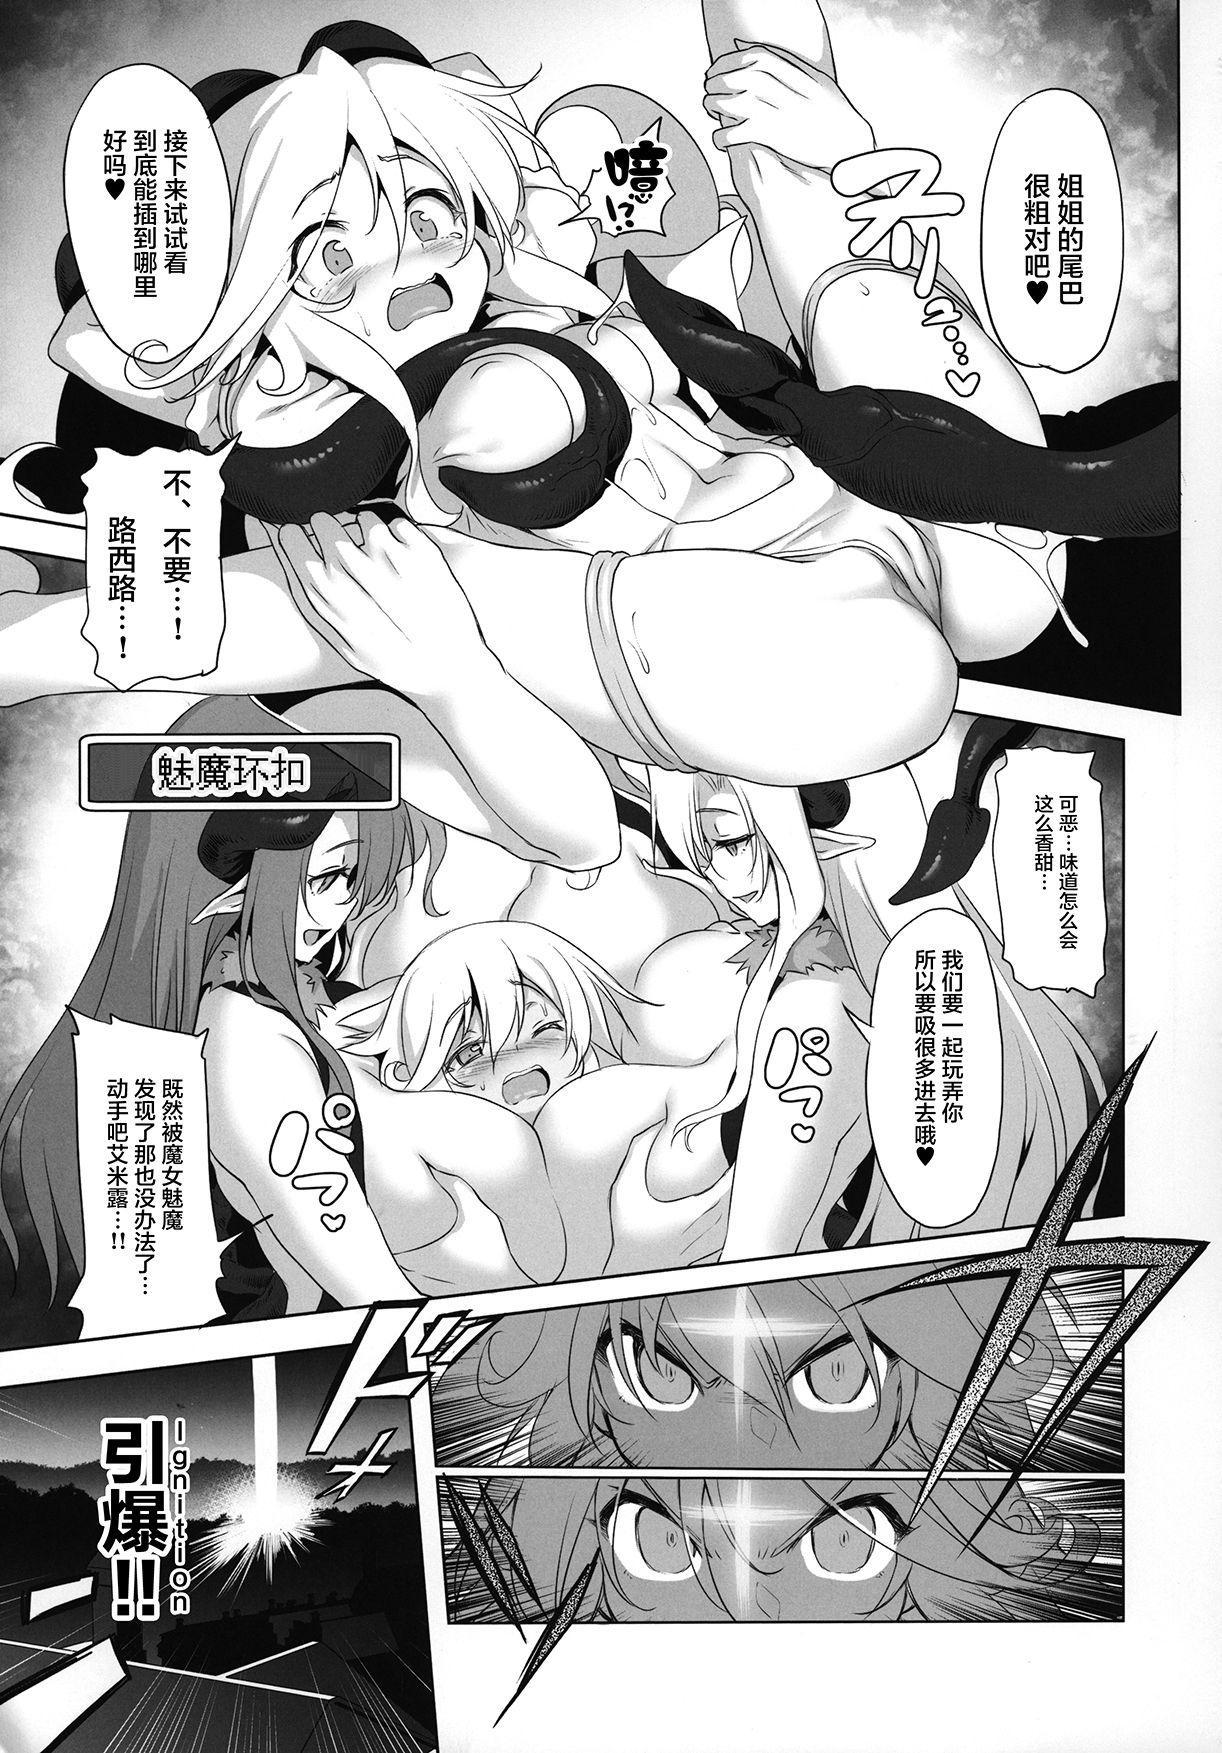 Makotoni Zannen desu ga Bouken no Sho 6 wa Kiete Shimaimashita. 6